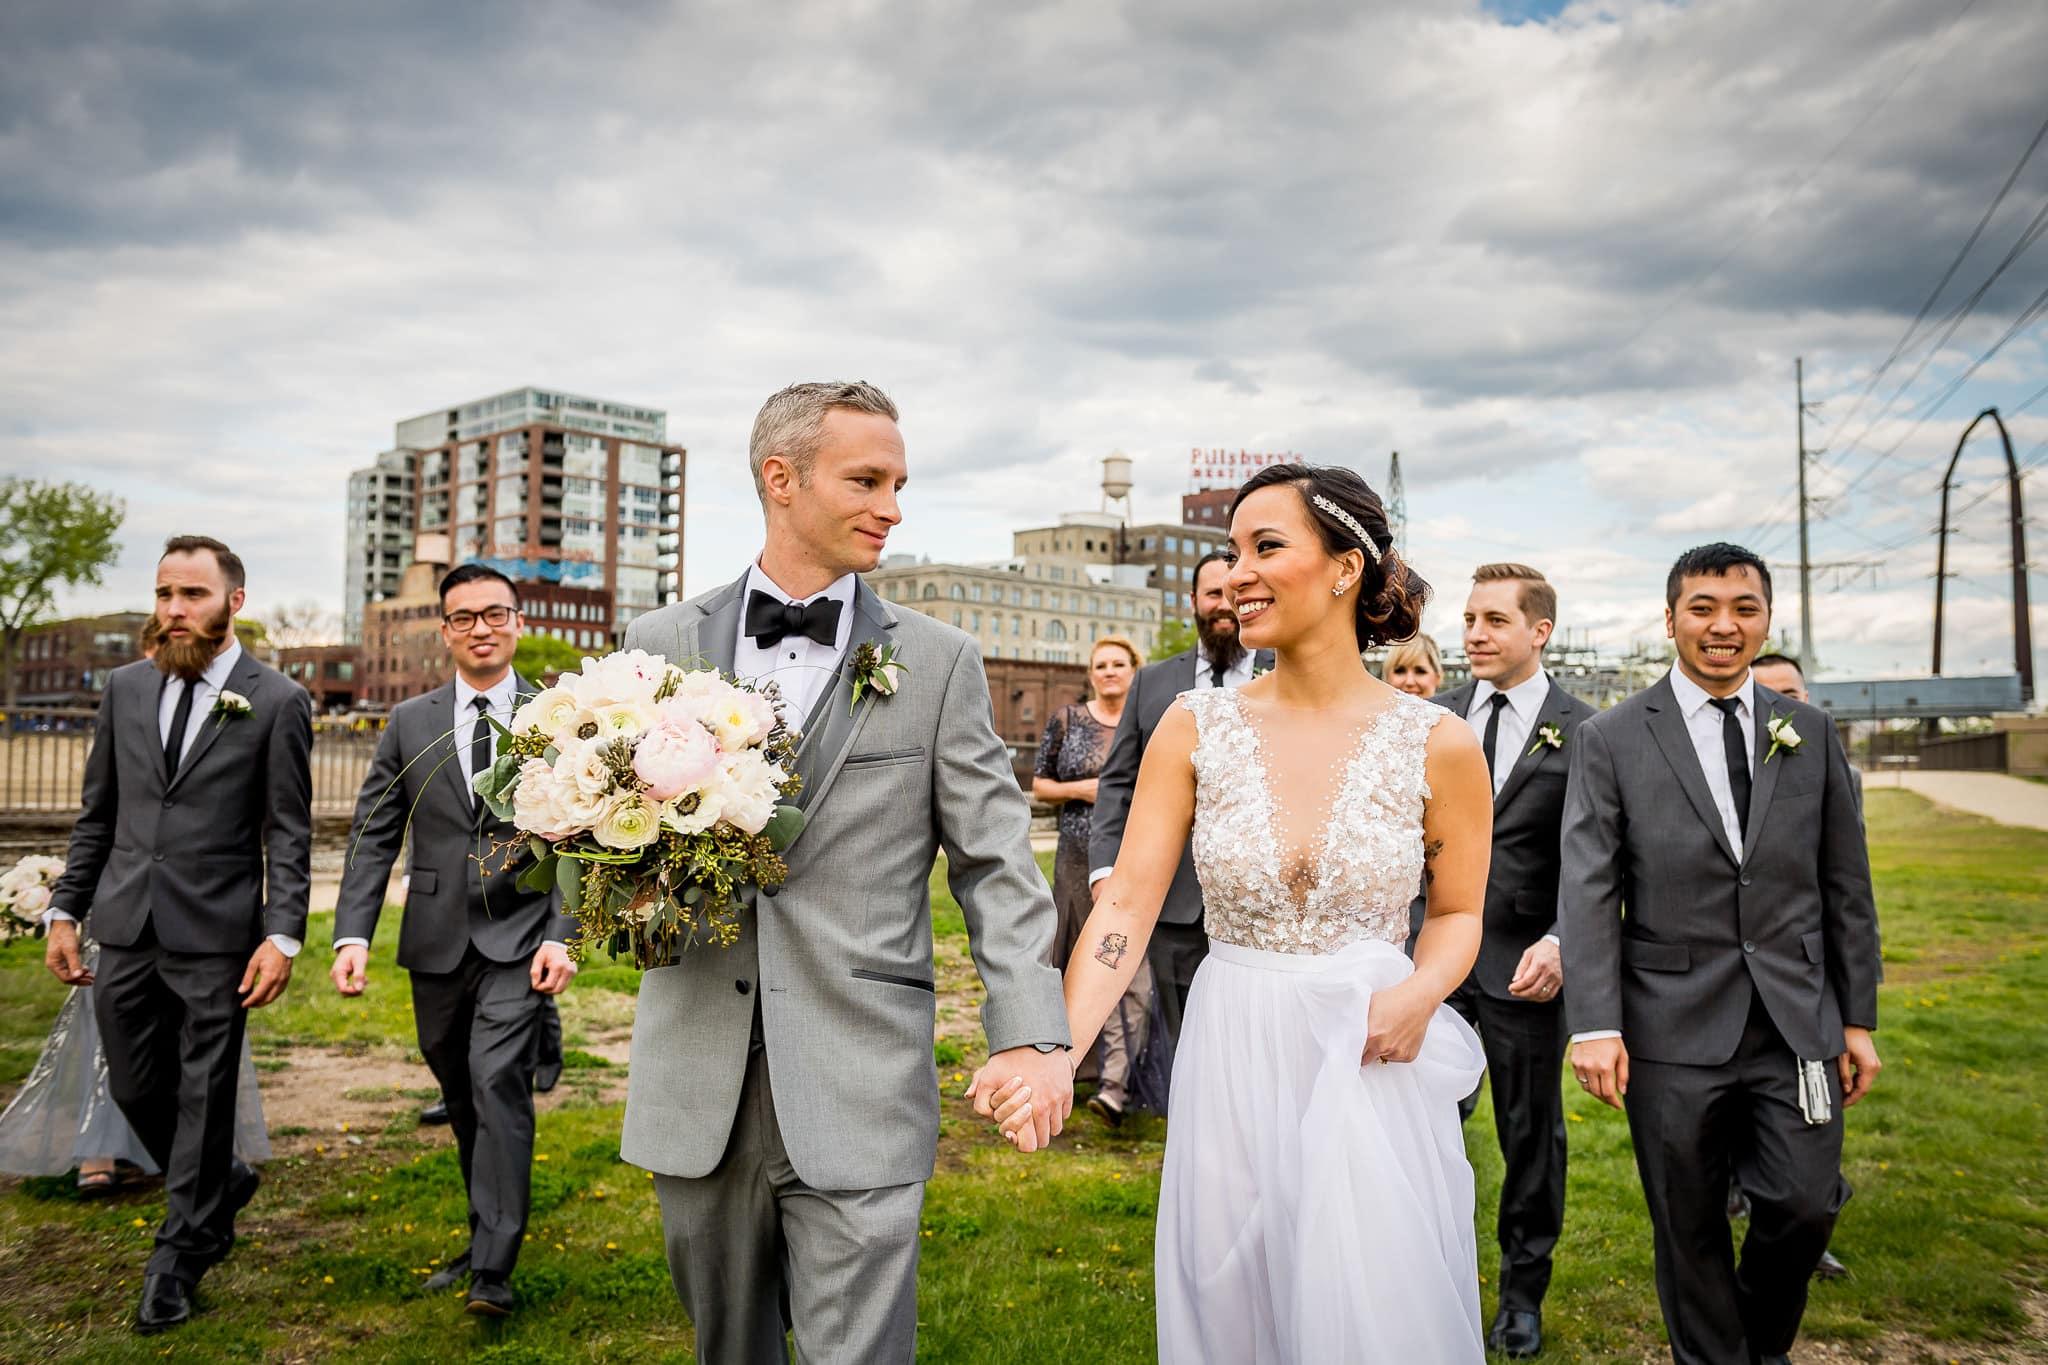 Wedding Party walking along Saint Anthony Main